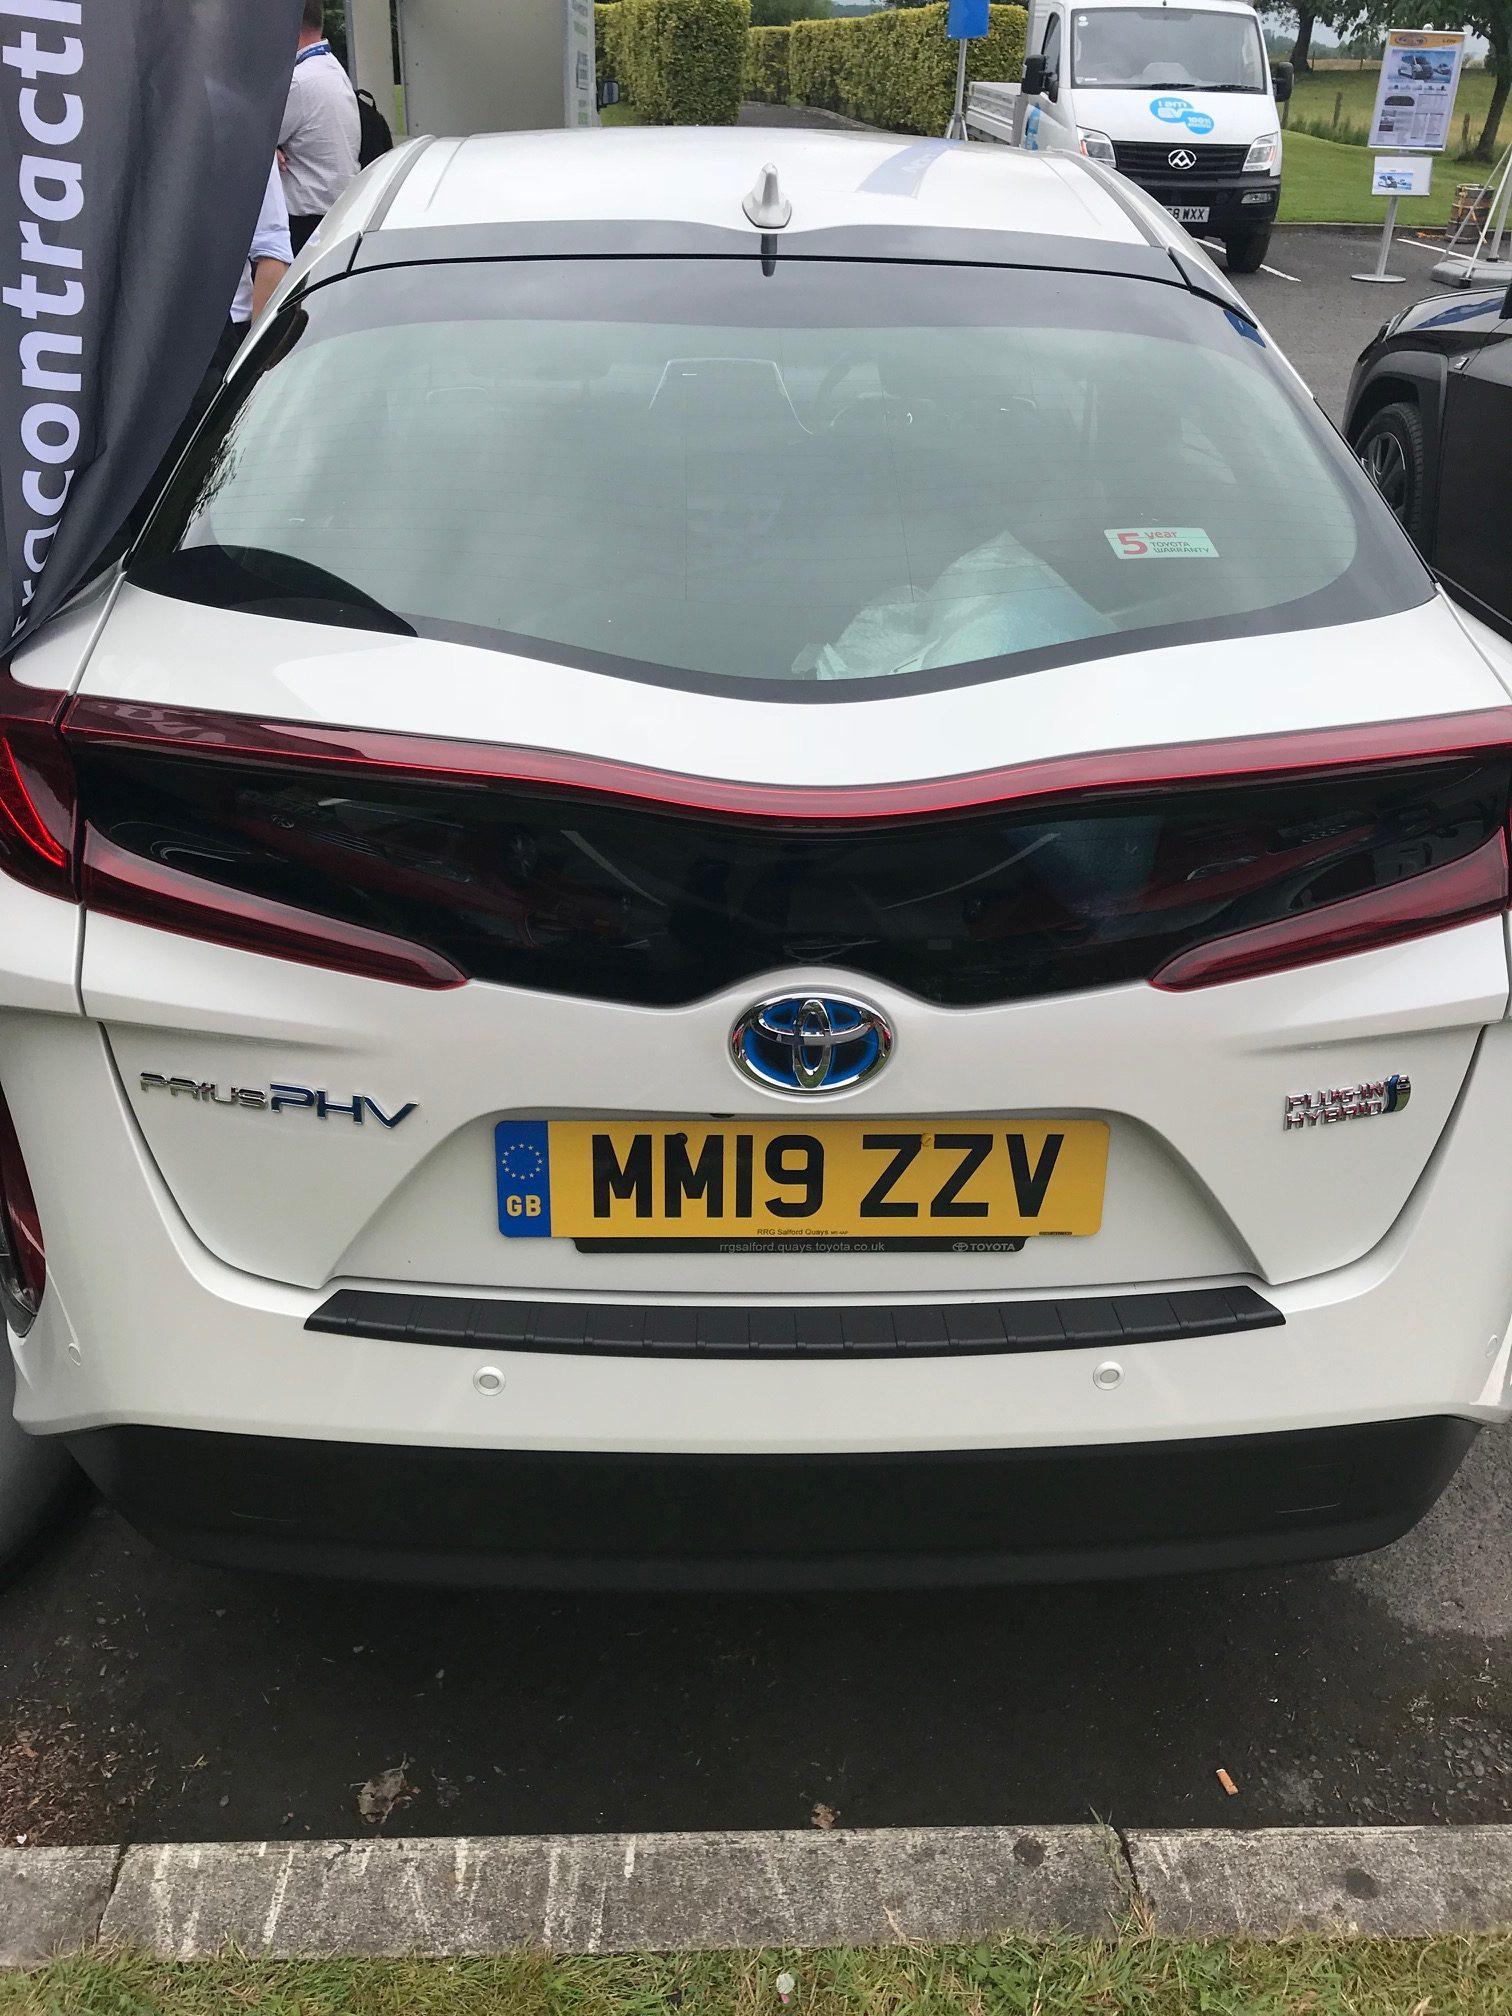 Toyota PRIUS HATCHBACK 1.8 VVTi Plug-in Excel 5dr CVT Car Leasing UK